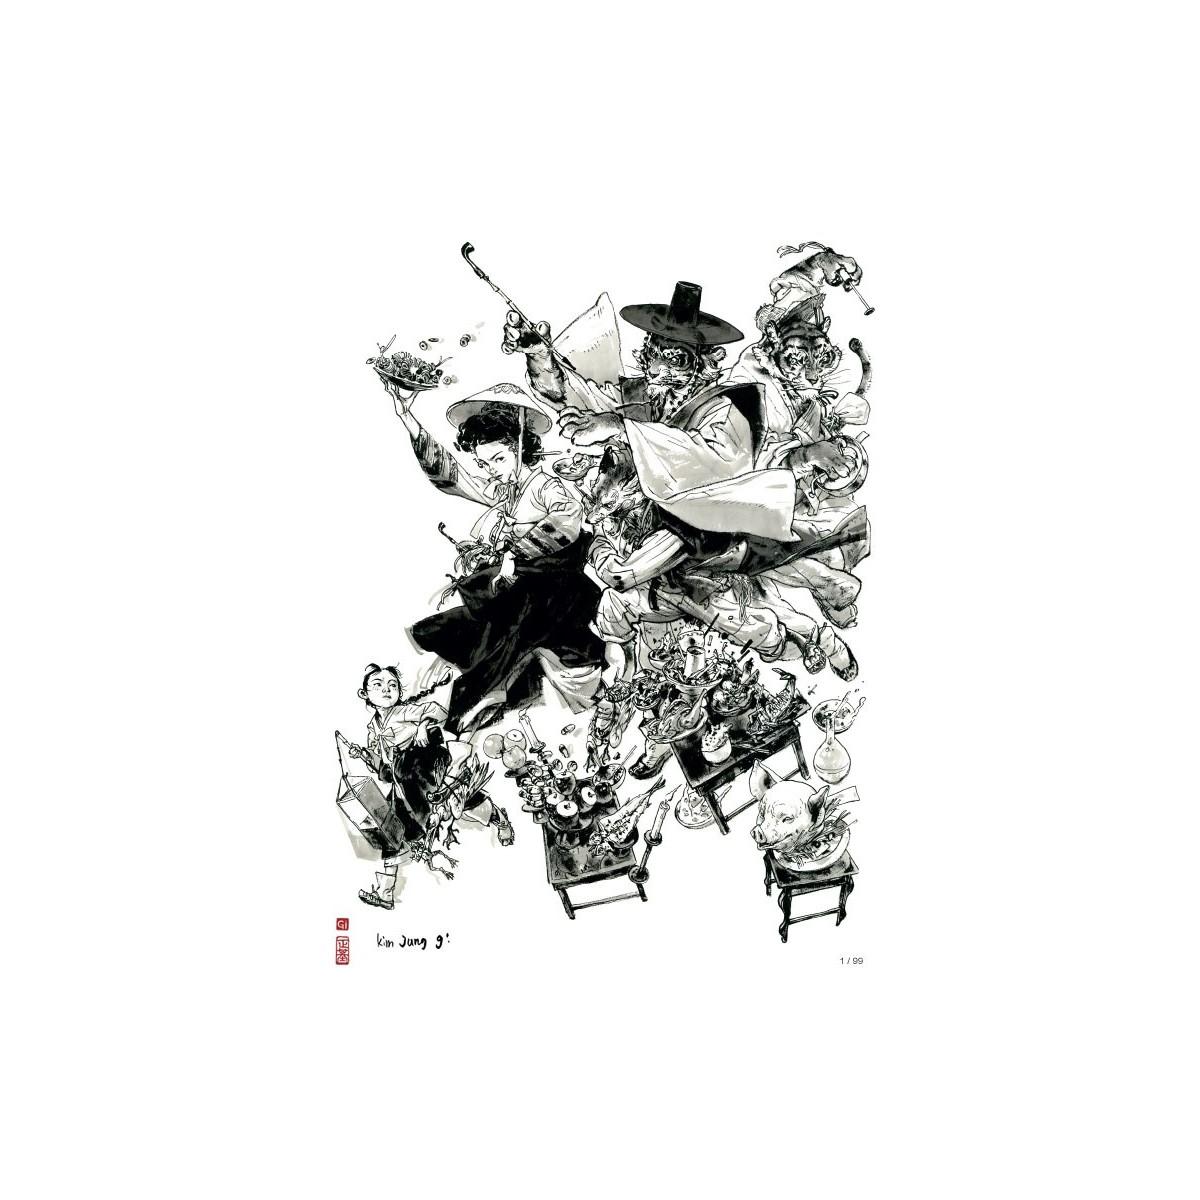 Kim Jung Gi - Ex-libris 'Bon appétit' - 30 x 40 cm - Signé & Numéroté (99 ex.)